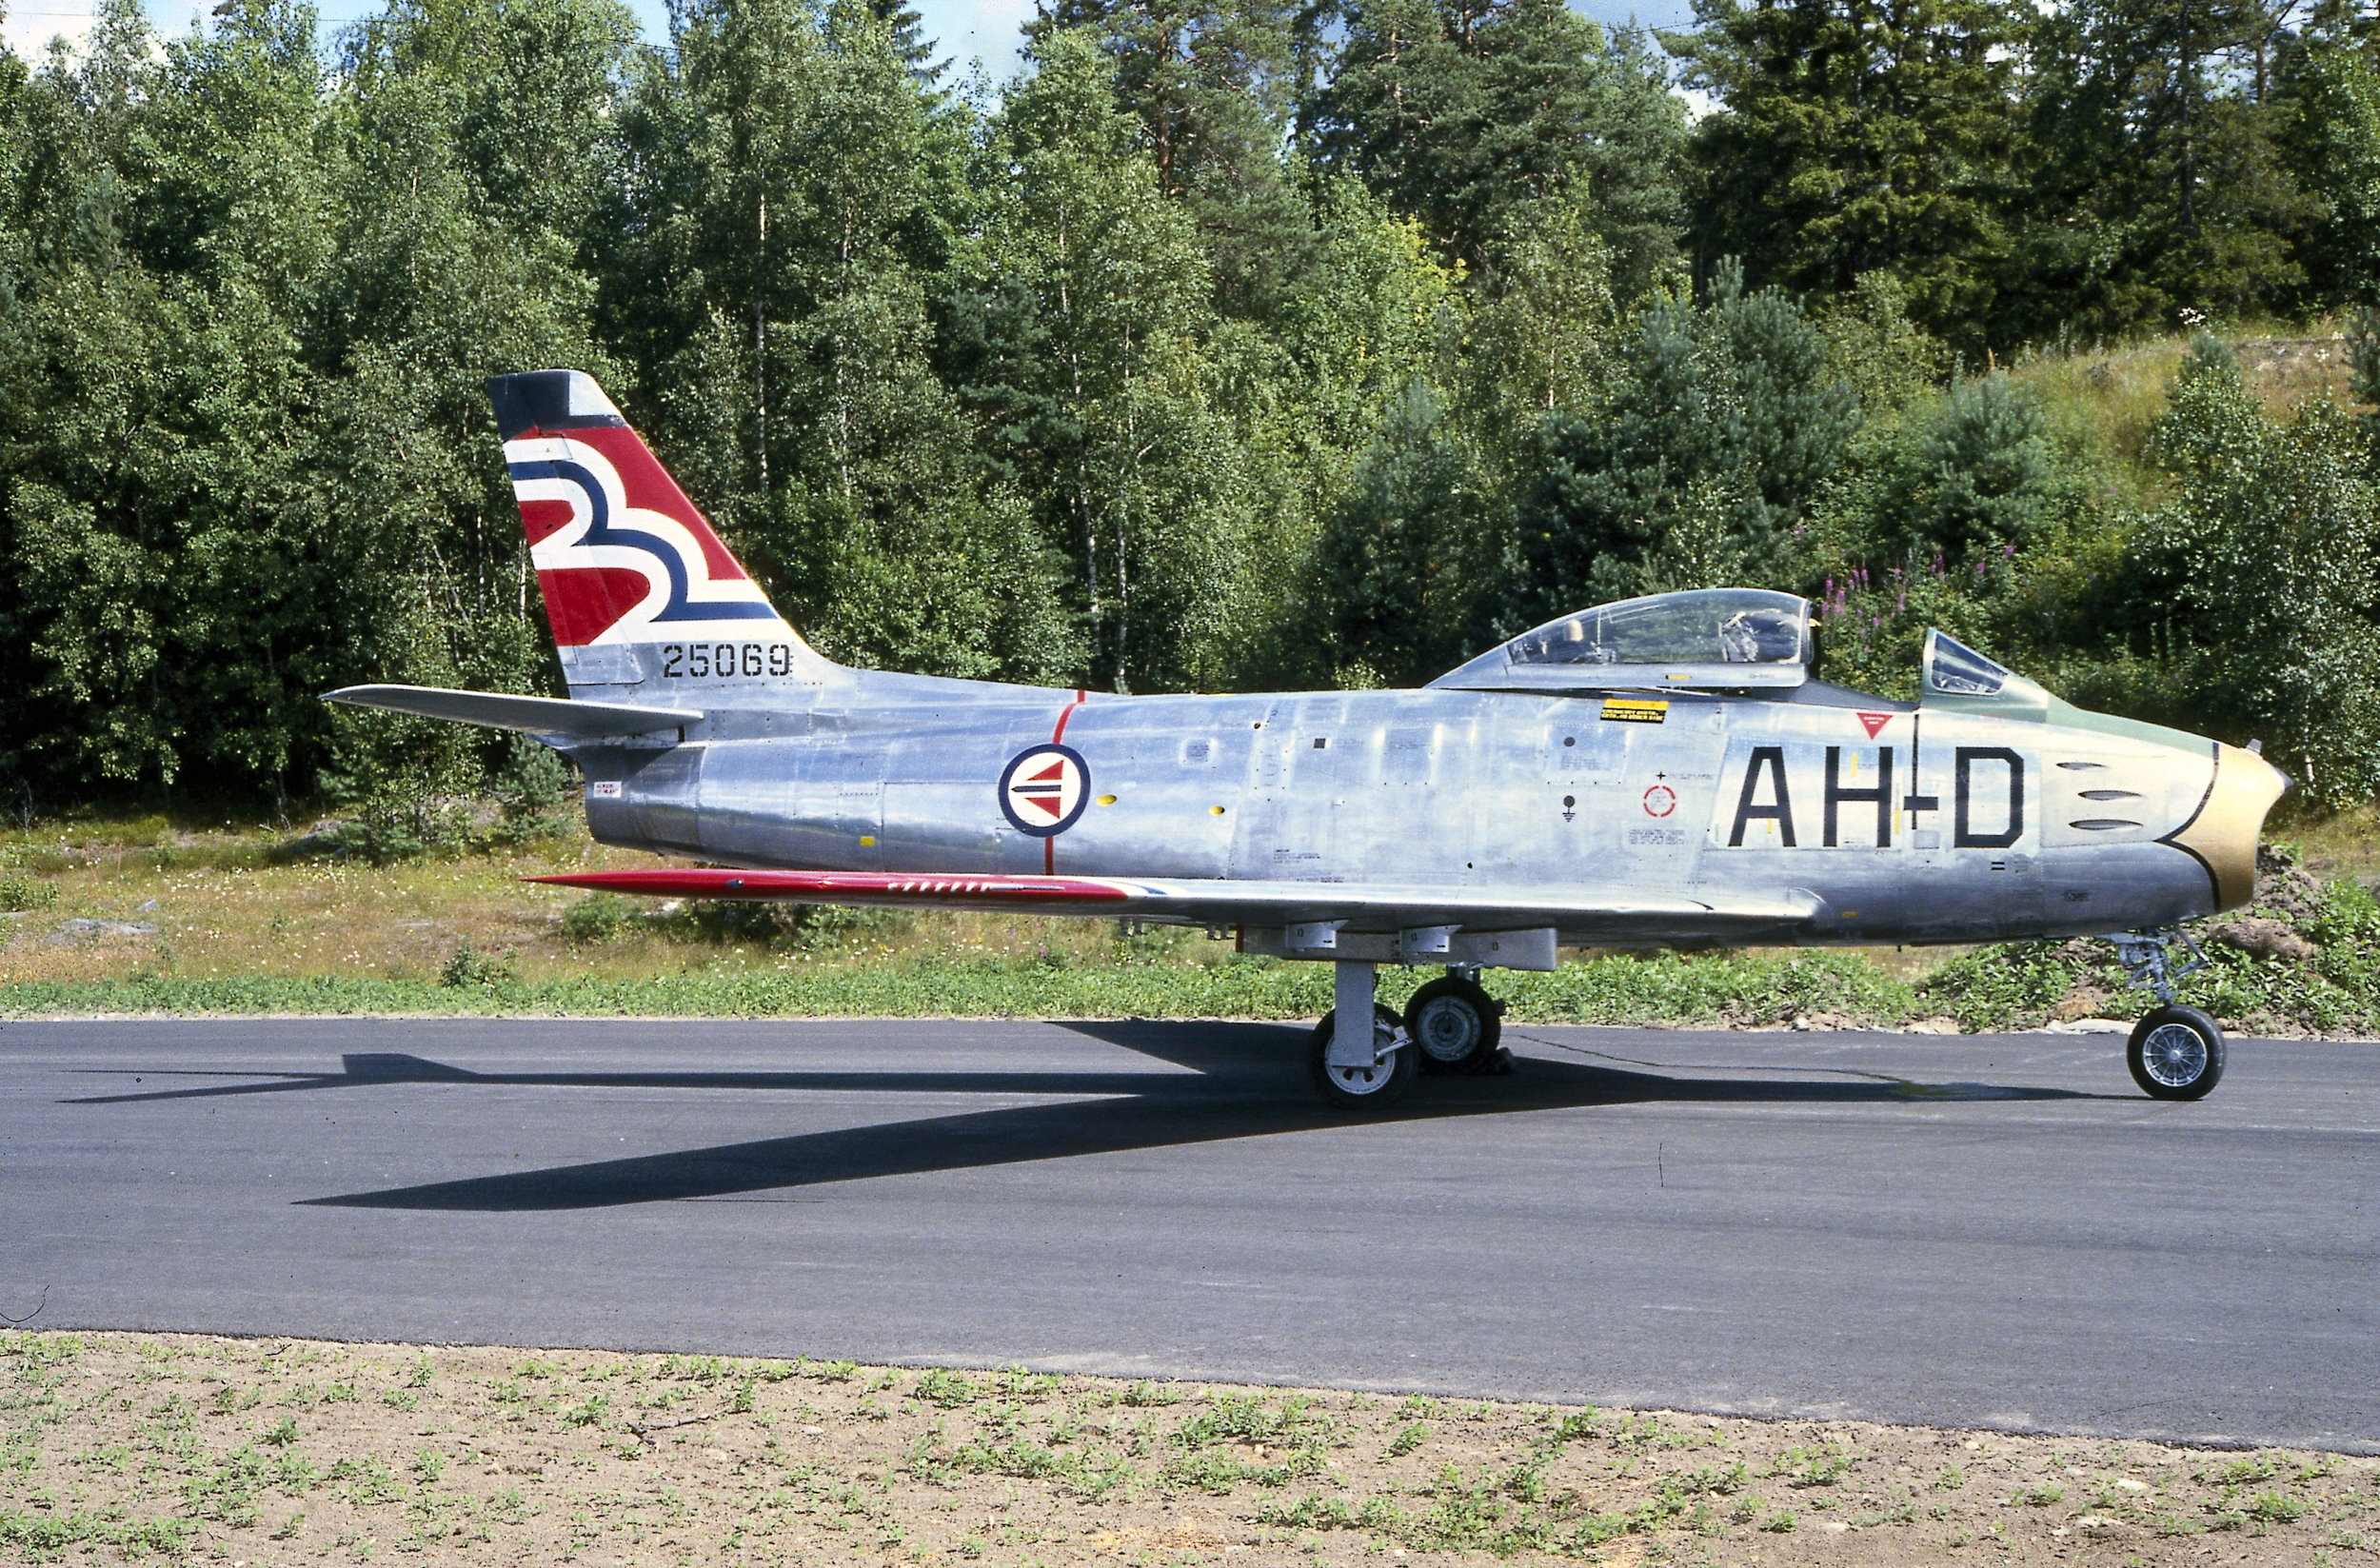 F-86F 52-5069 AH-D i de første Flying Joker fargene.                                                                                 Foto Rygge hovedflystasjon